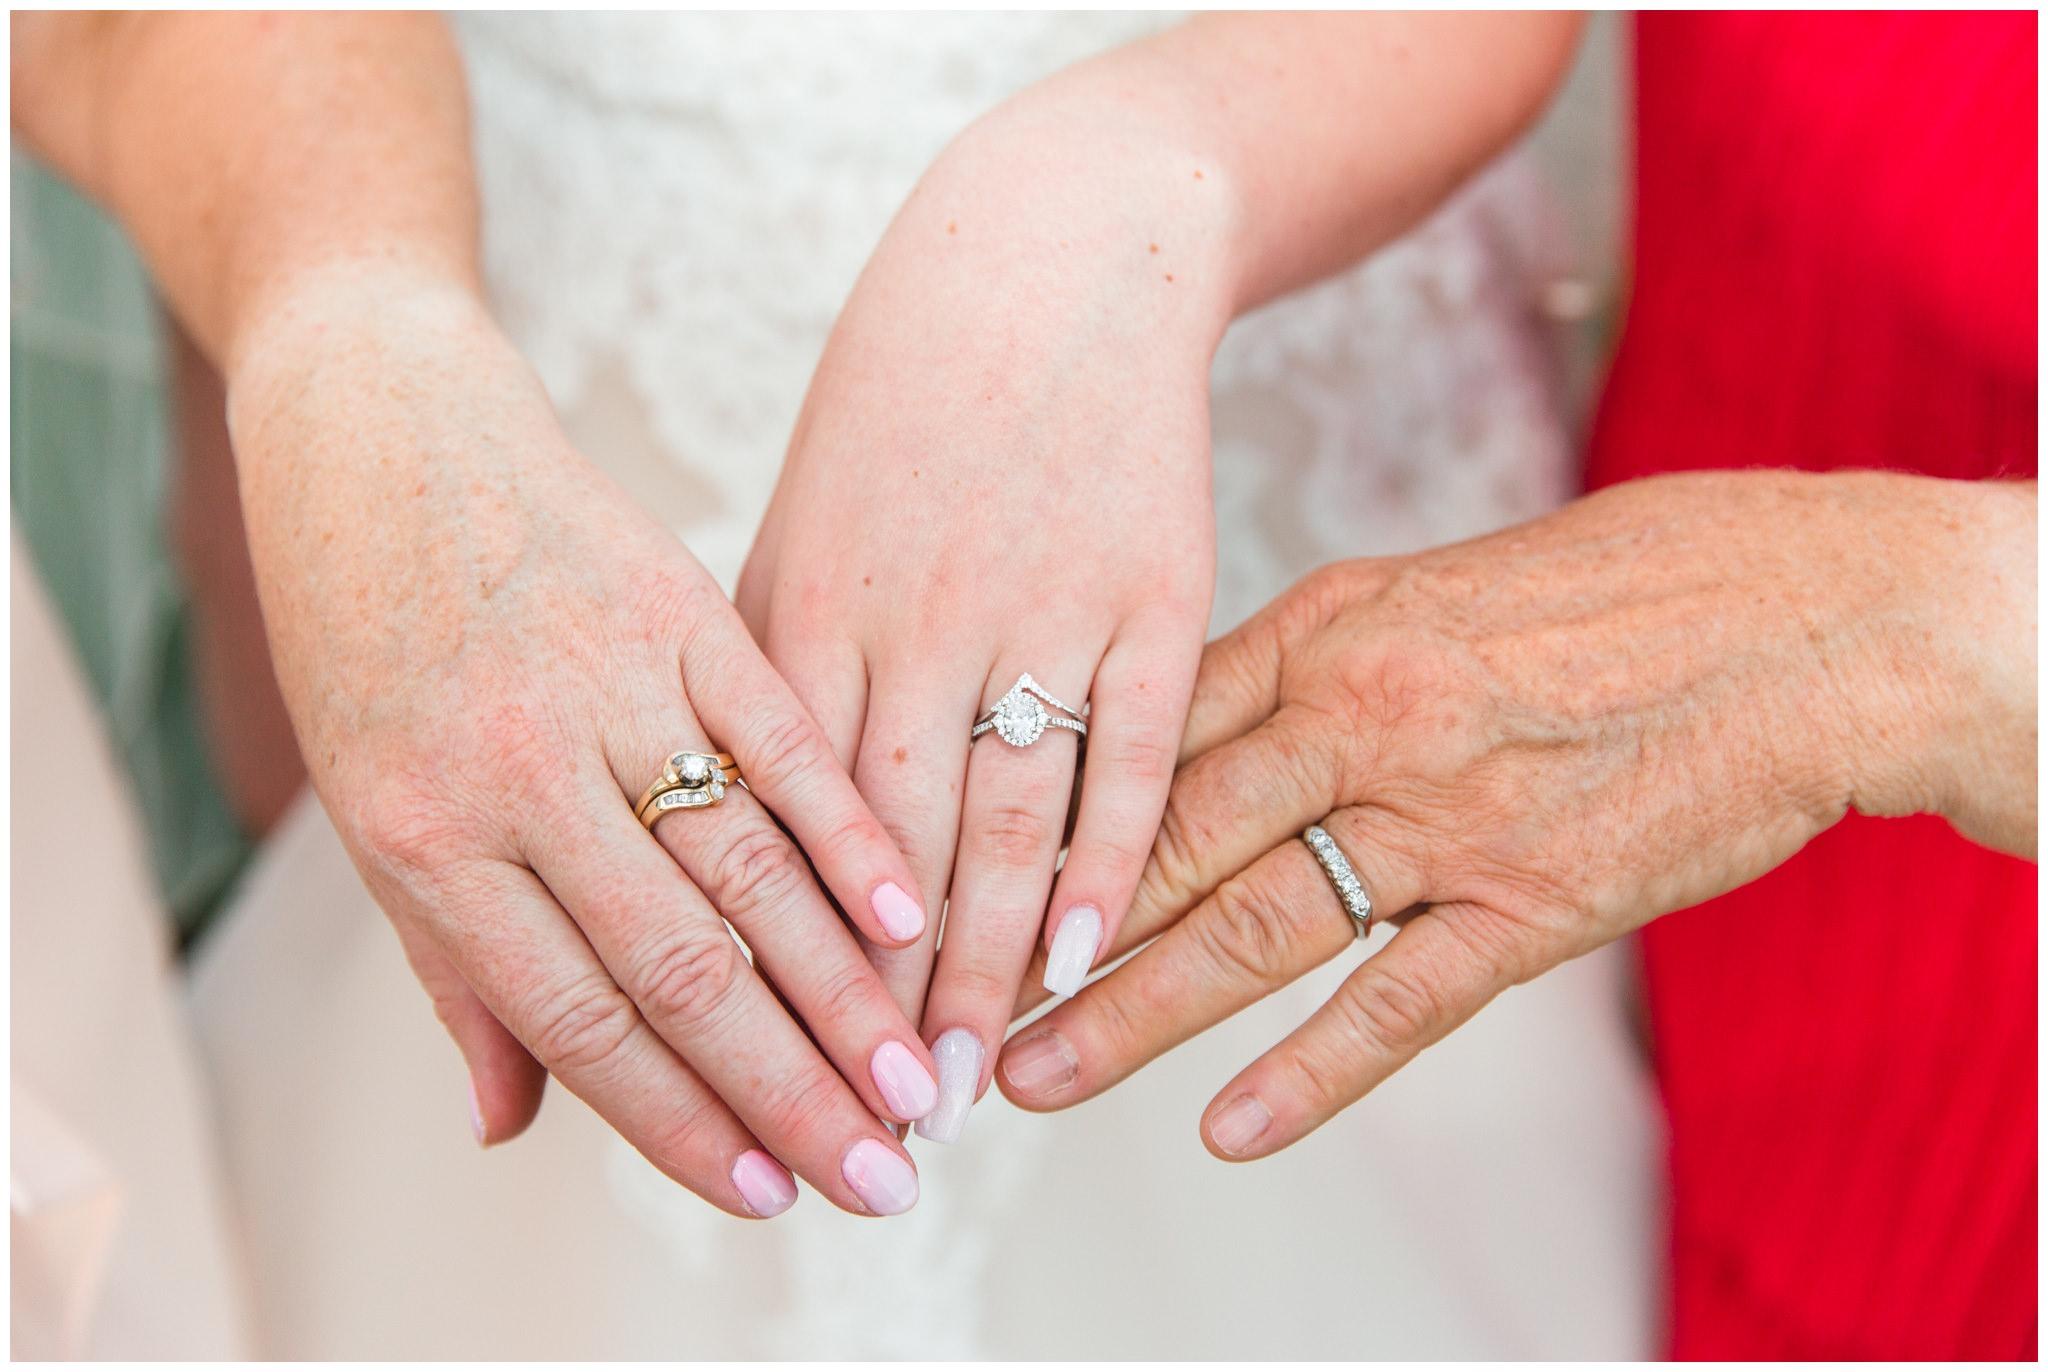 3 generation picture taken at wedding in Utah